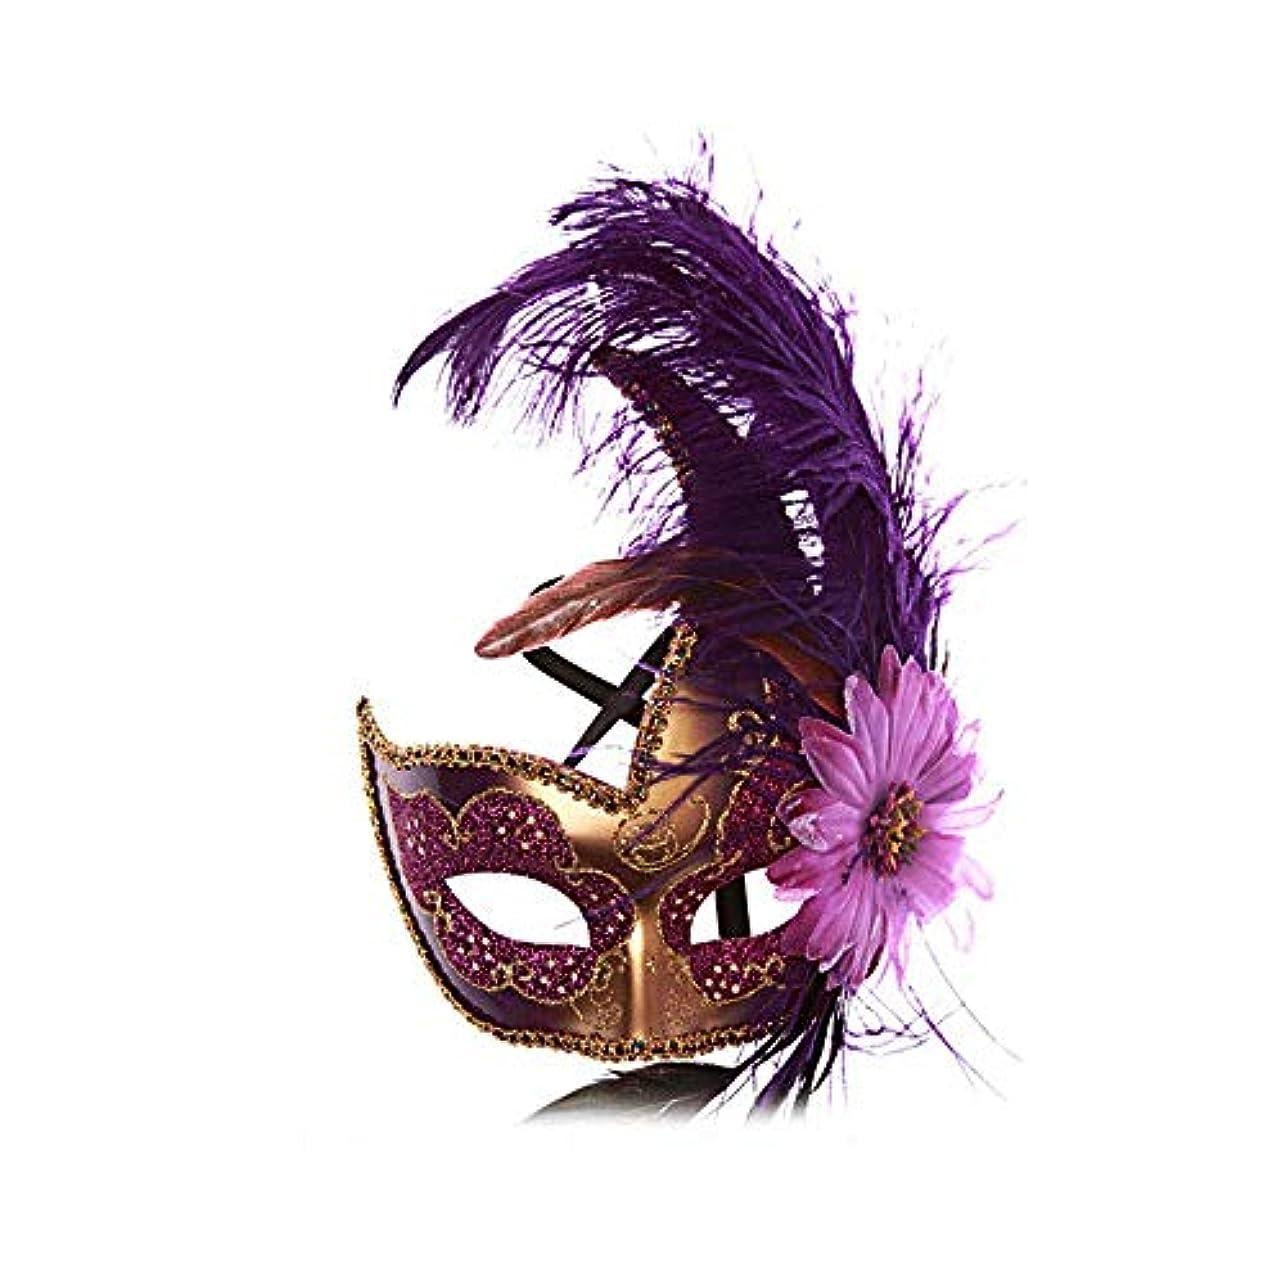 給料中央経営者Nanle ハロウィンマスクハーフフェザーマスクベニスプリンセスマスク美容レース仮面ライダーコスプレ (色 : Style B purple)